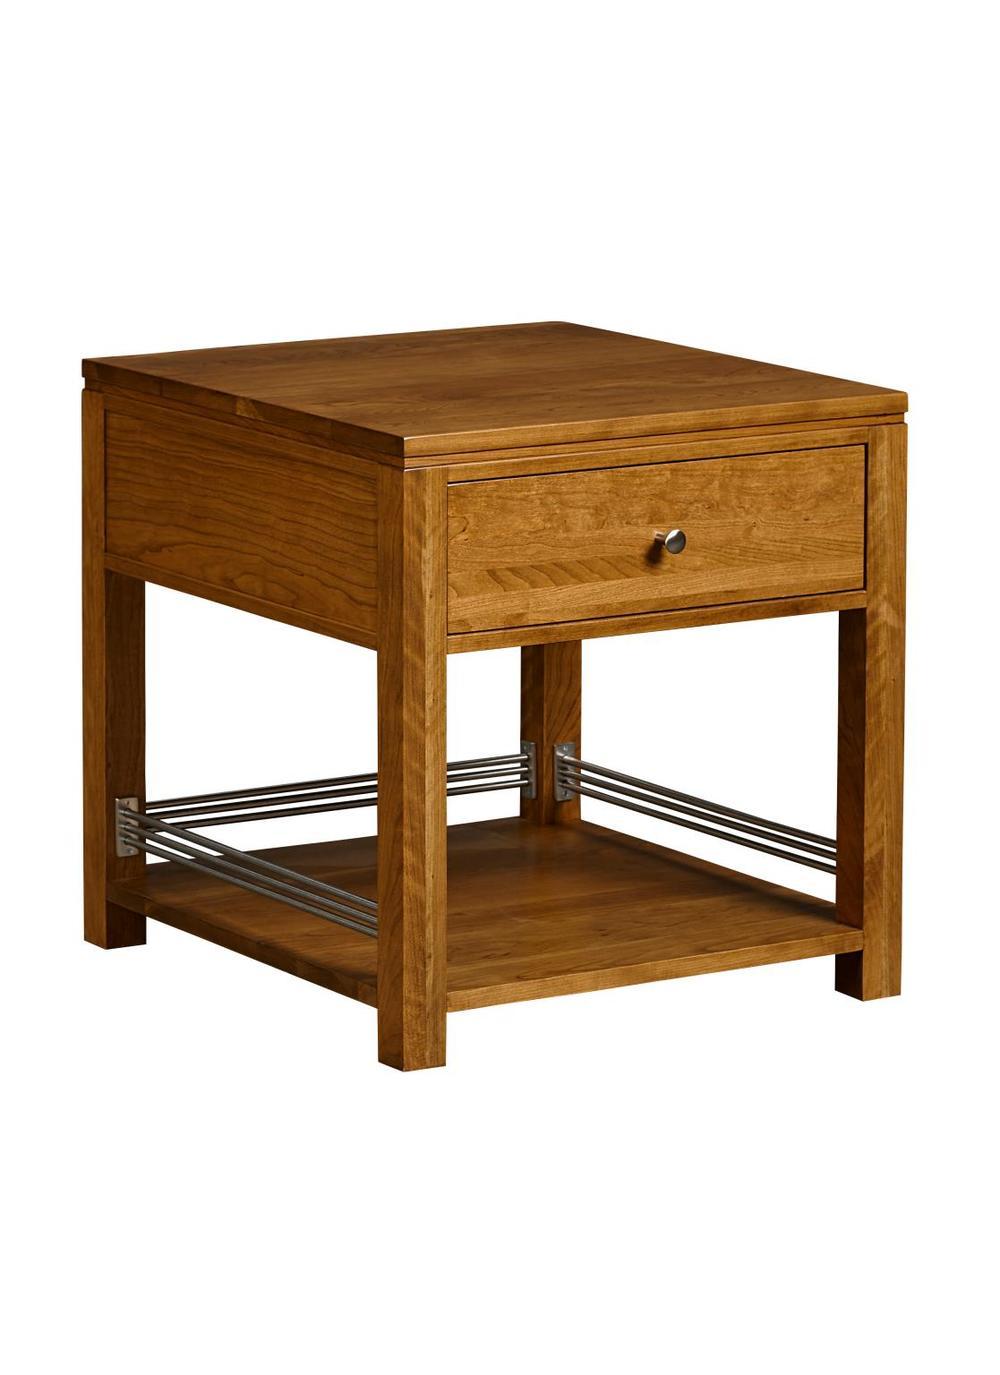 Borkholder Furniture - One Drawer End Table